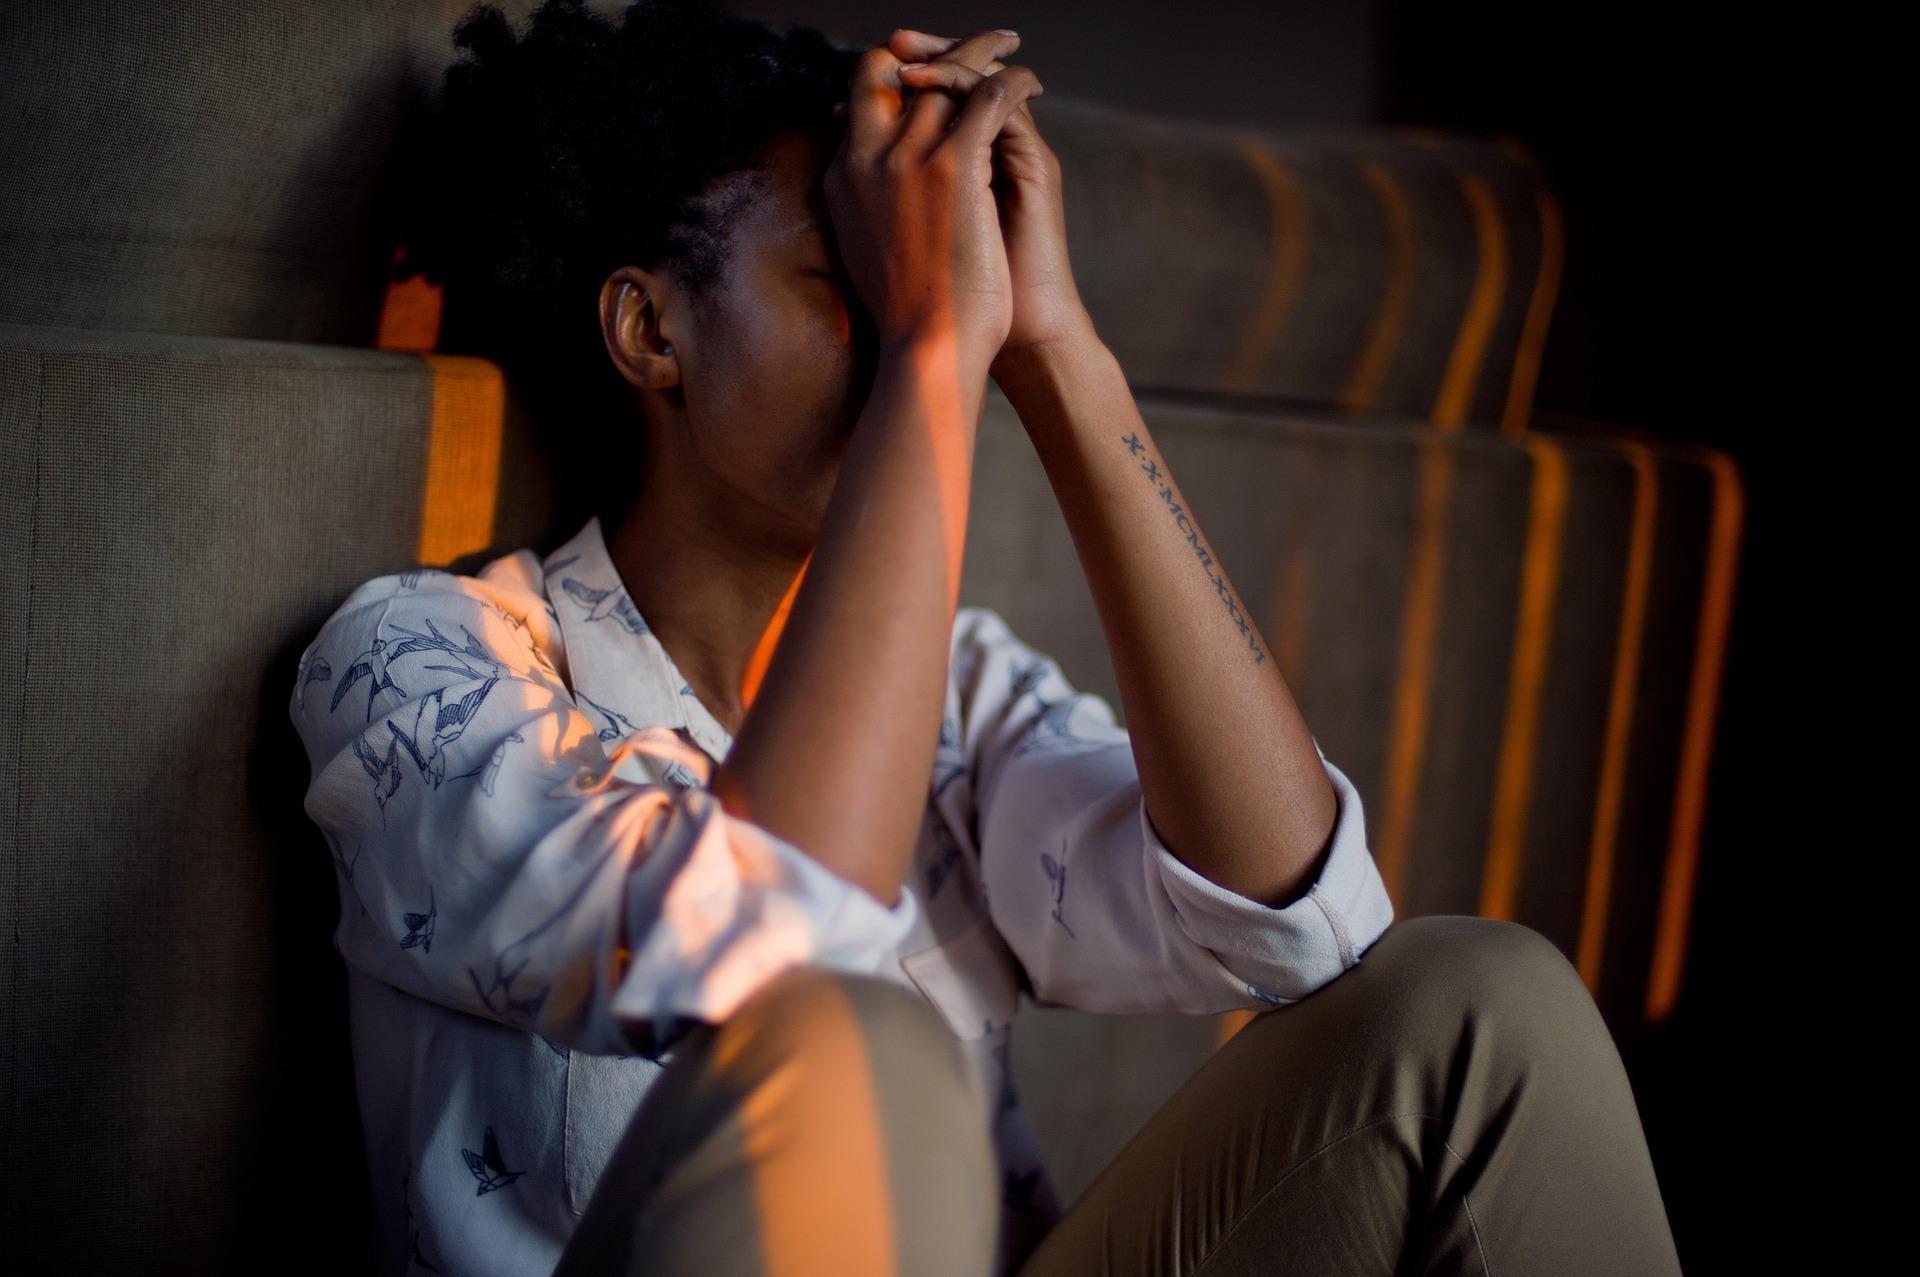 άγχος, Το άγχος ή αλλιώς το στρες, δεν αυξάνει τον κίνδυνο καρκίνου, Δρ. Δαρδαμάνης Δημήτριος